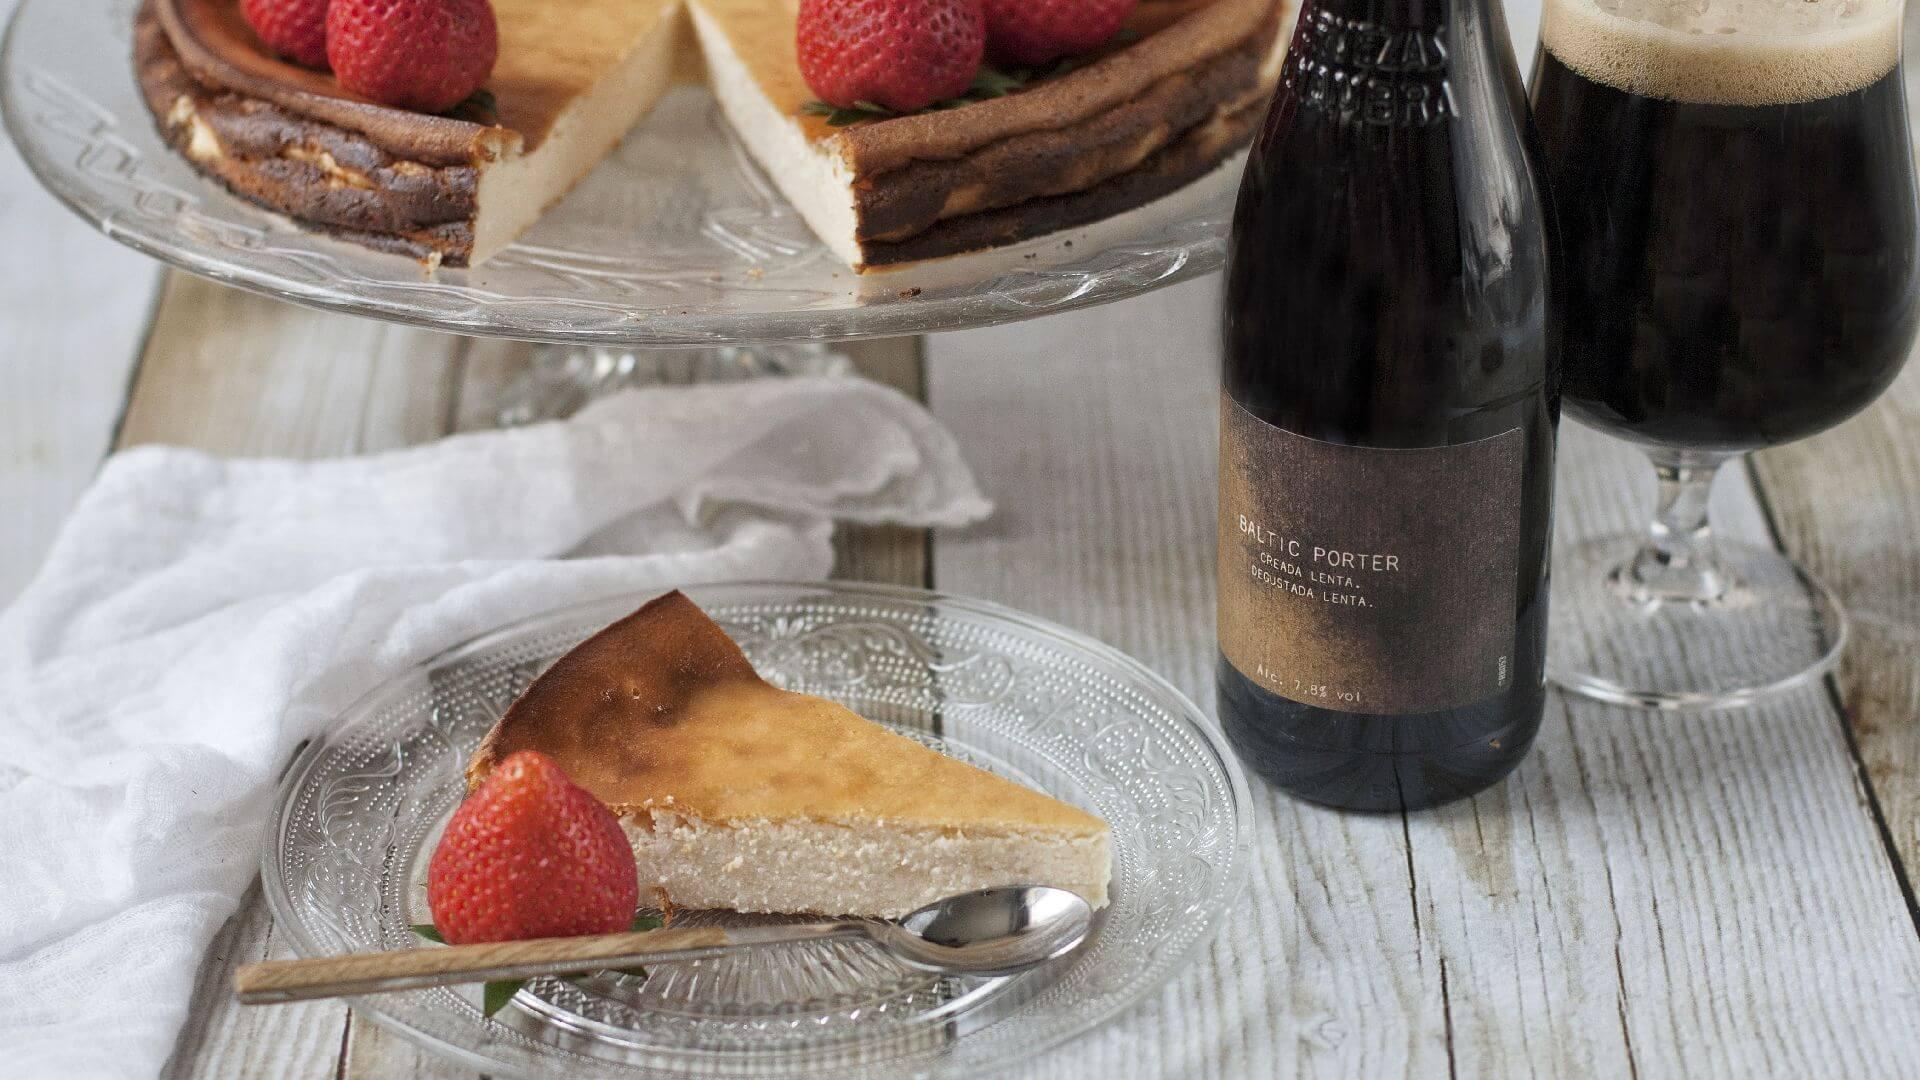 Tarta de requesón con fresas, un capricho irresistible y de alma campestre